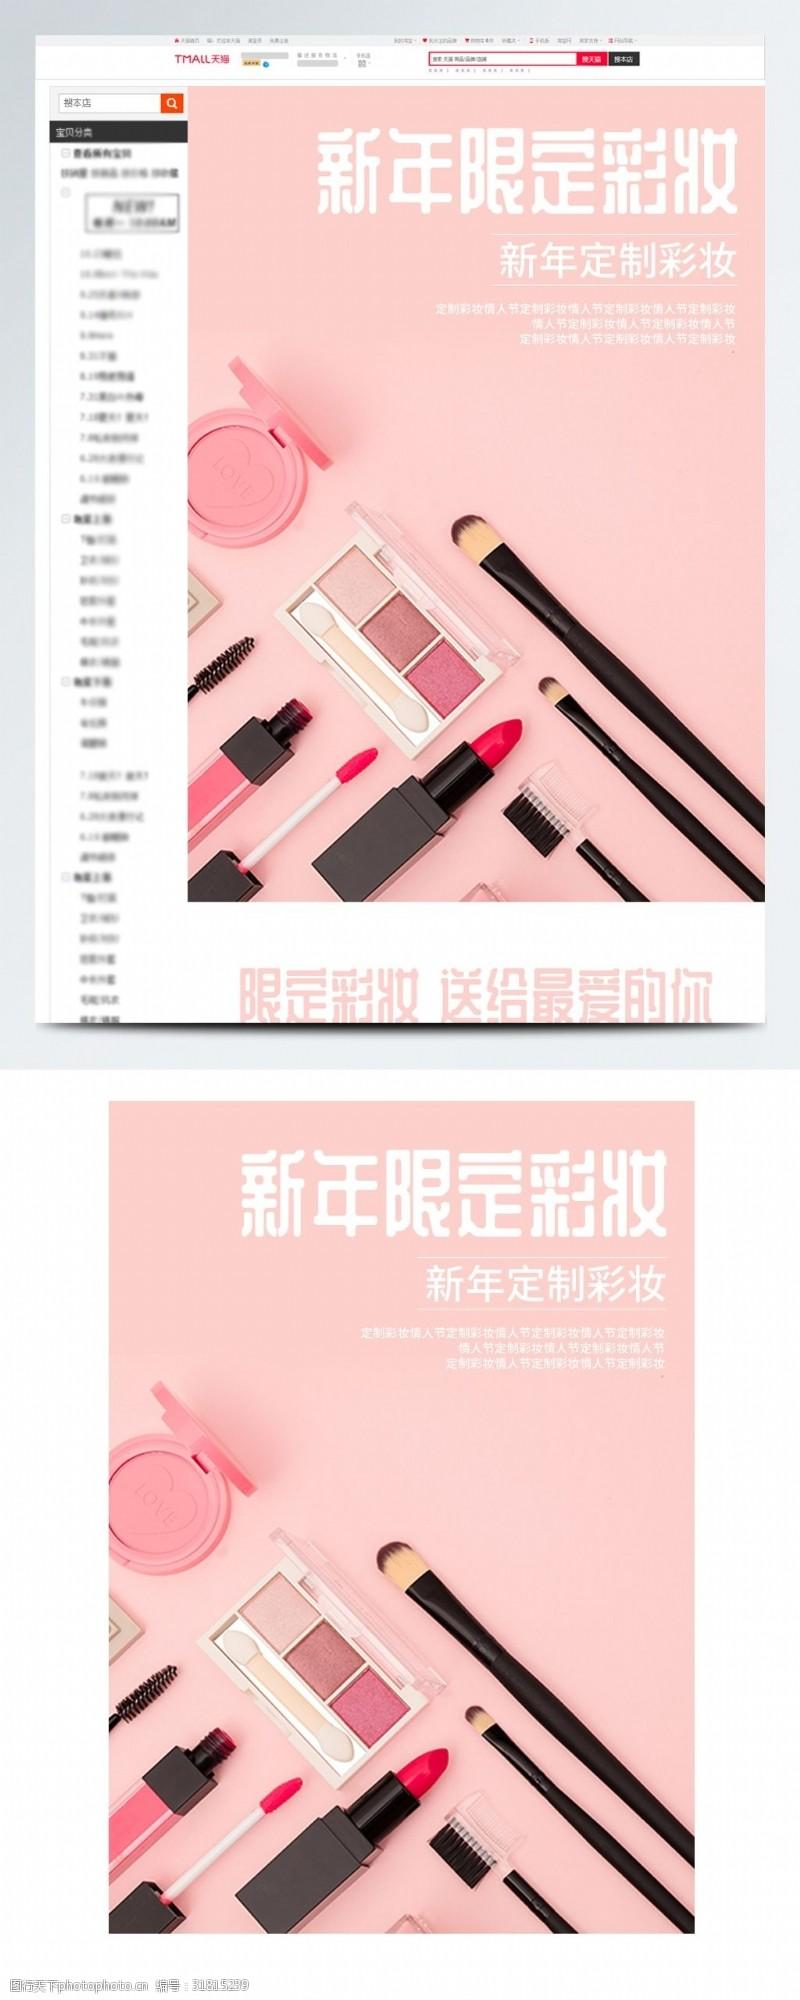 電商淘寶新年情人節彩妝護膚促銷詳情頁模板